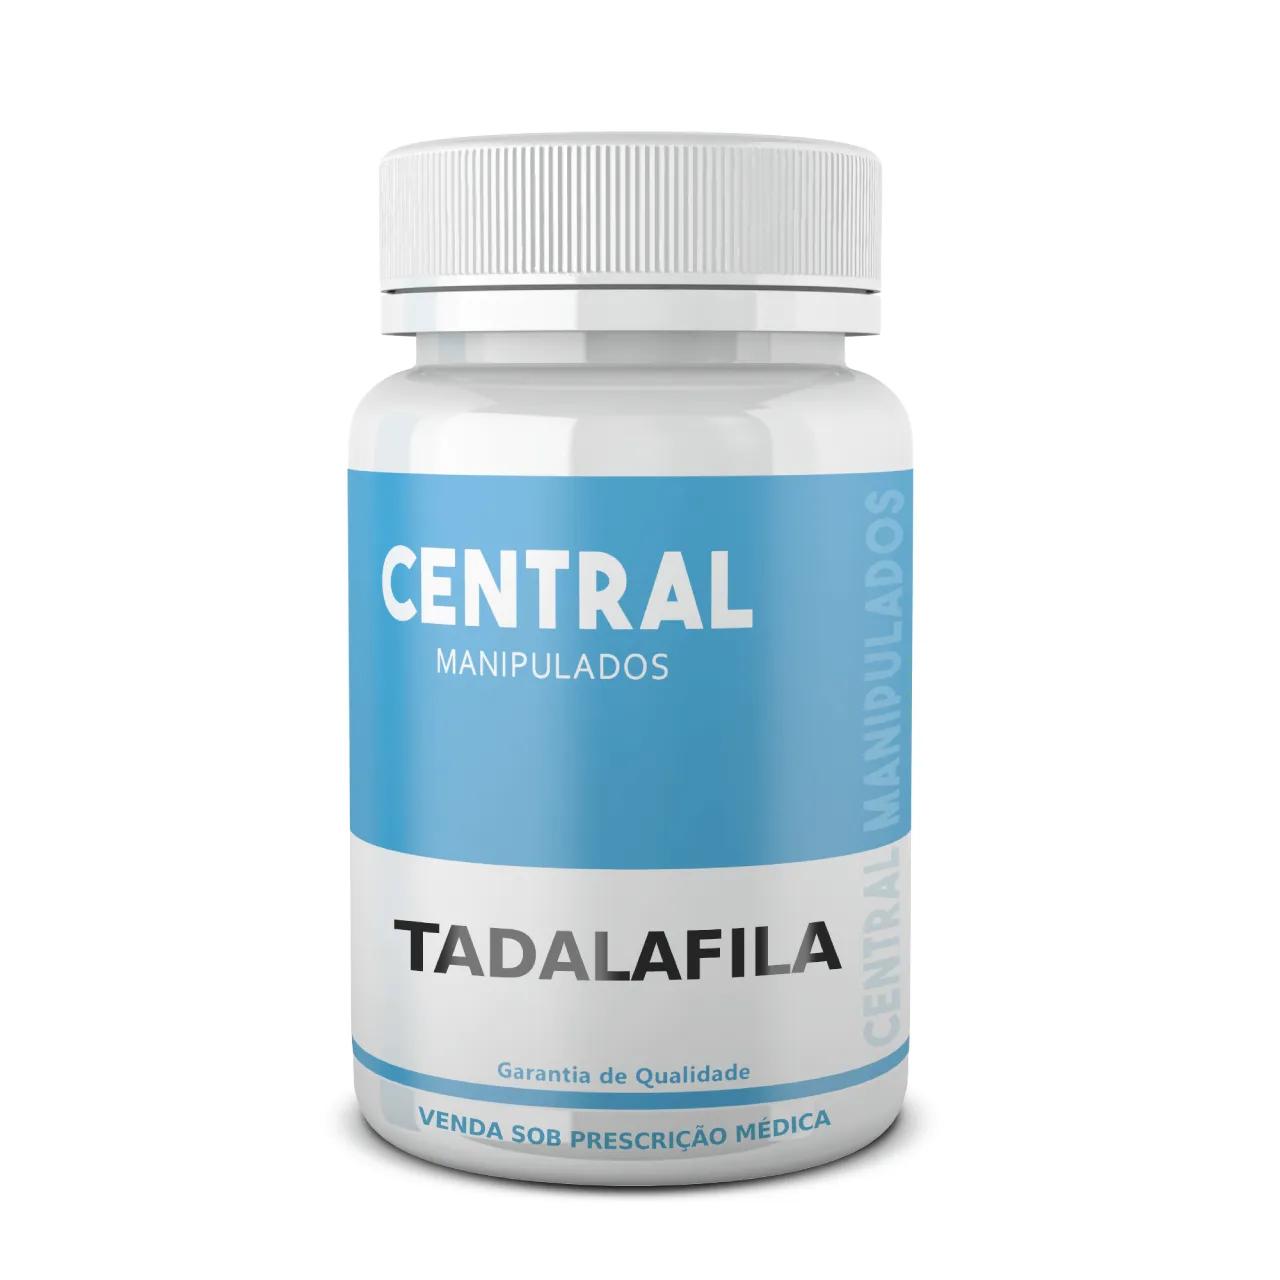 Tadalafila 20mg - 120 cápsulas